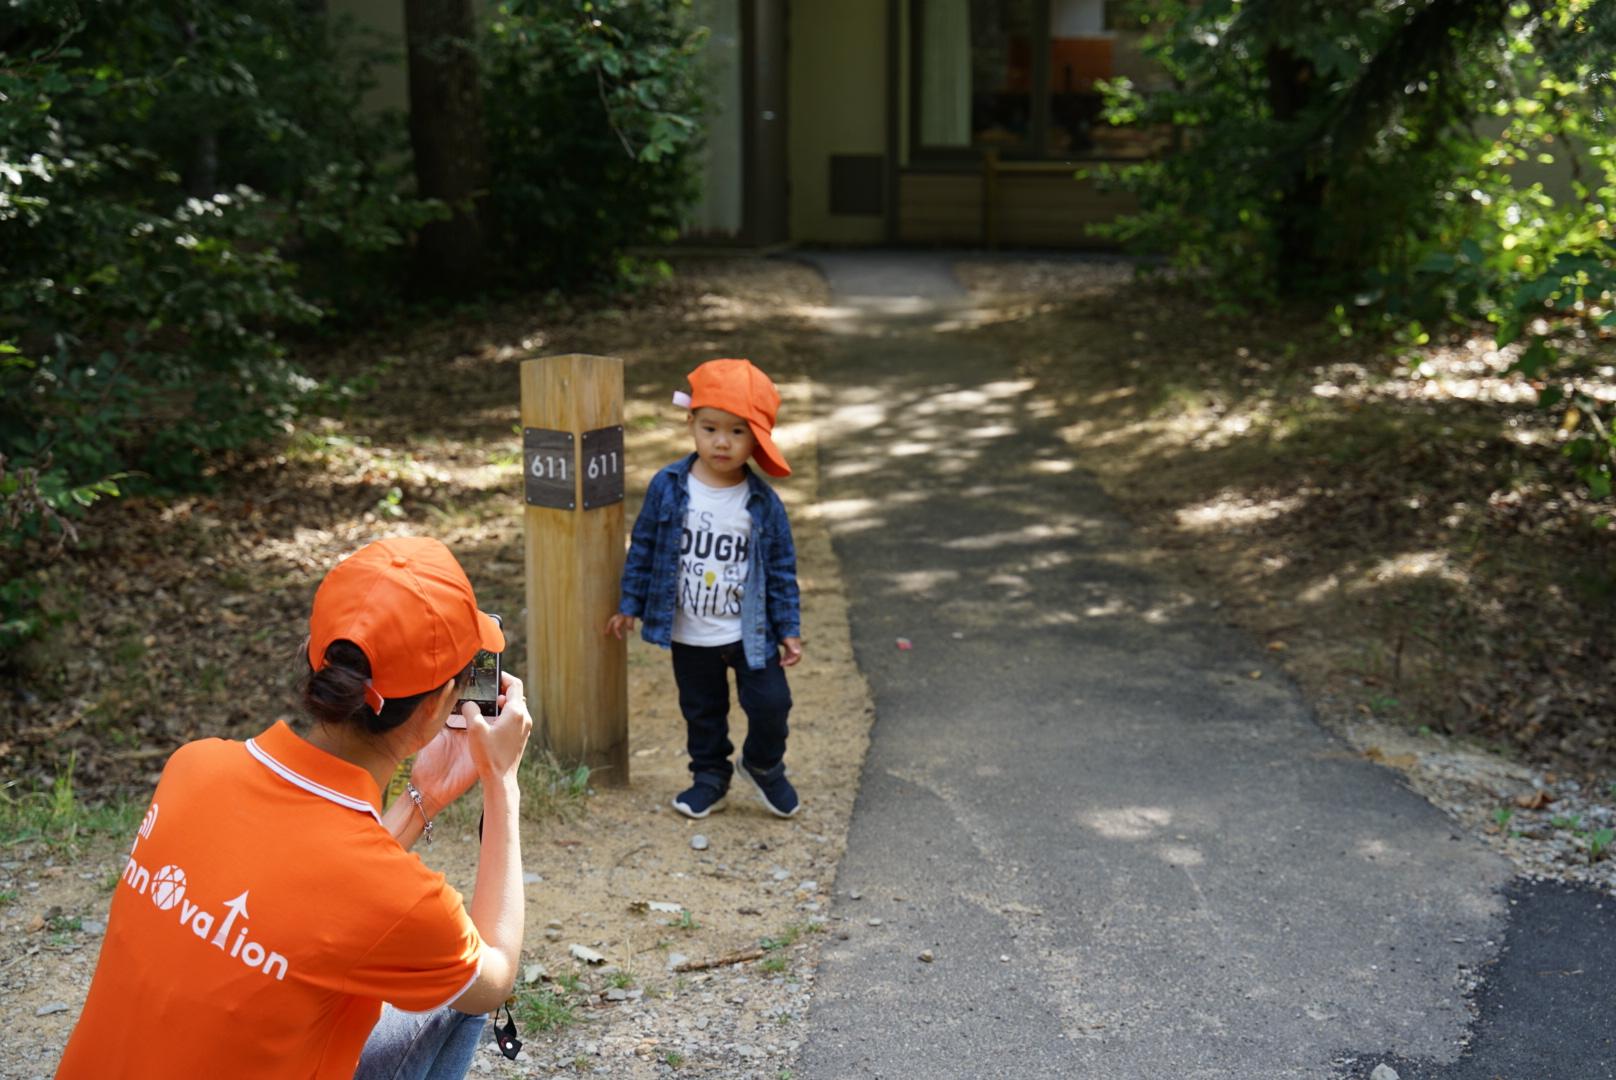 Cung đường chạy dài 2 km thuộc khu công viên Les Bois Francs cách Paris (thủ đô của Pháp) 2 tiếng chạy xe. Hai bên trồng những hàng cây xanh mát, cung đường chạy rộng rãi, uốn lượn mềm mại. BTC cho hay quãng đường này phụ hợp cho gia đình có con nhỏ tham gia. Les Bois Francs là một trong 5 công viên trung tâm lớn nhất Pháp.